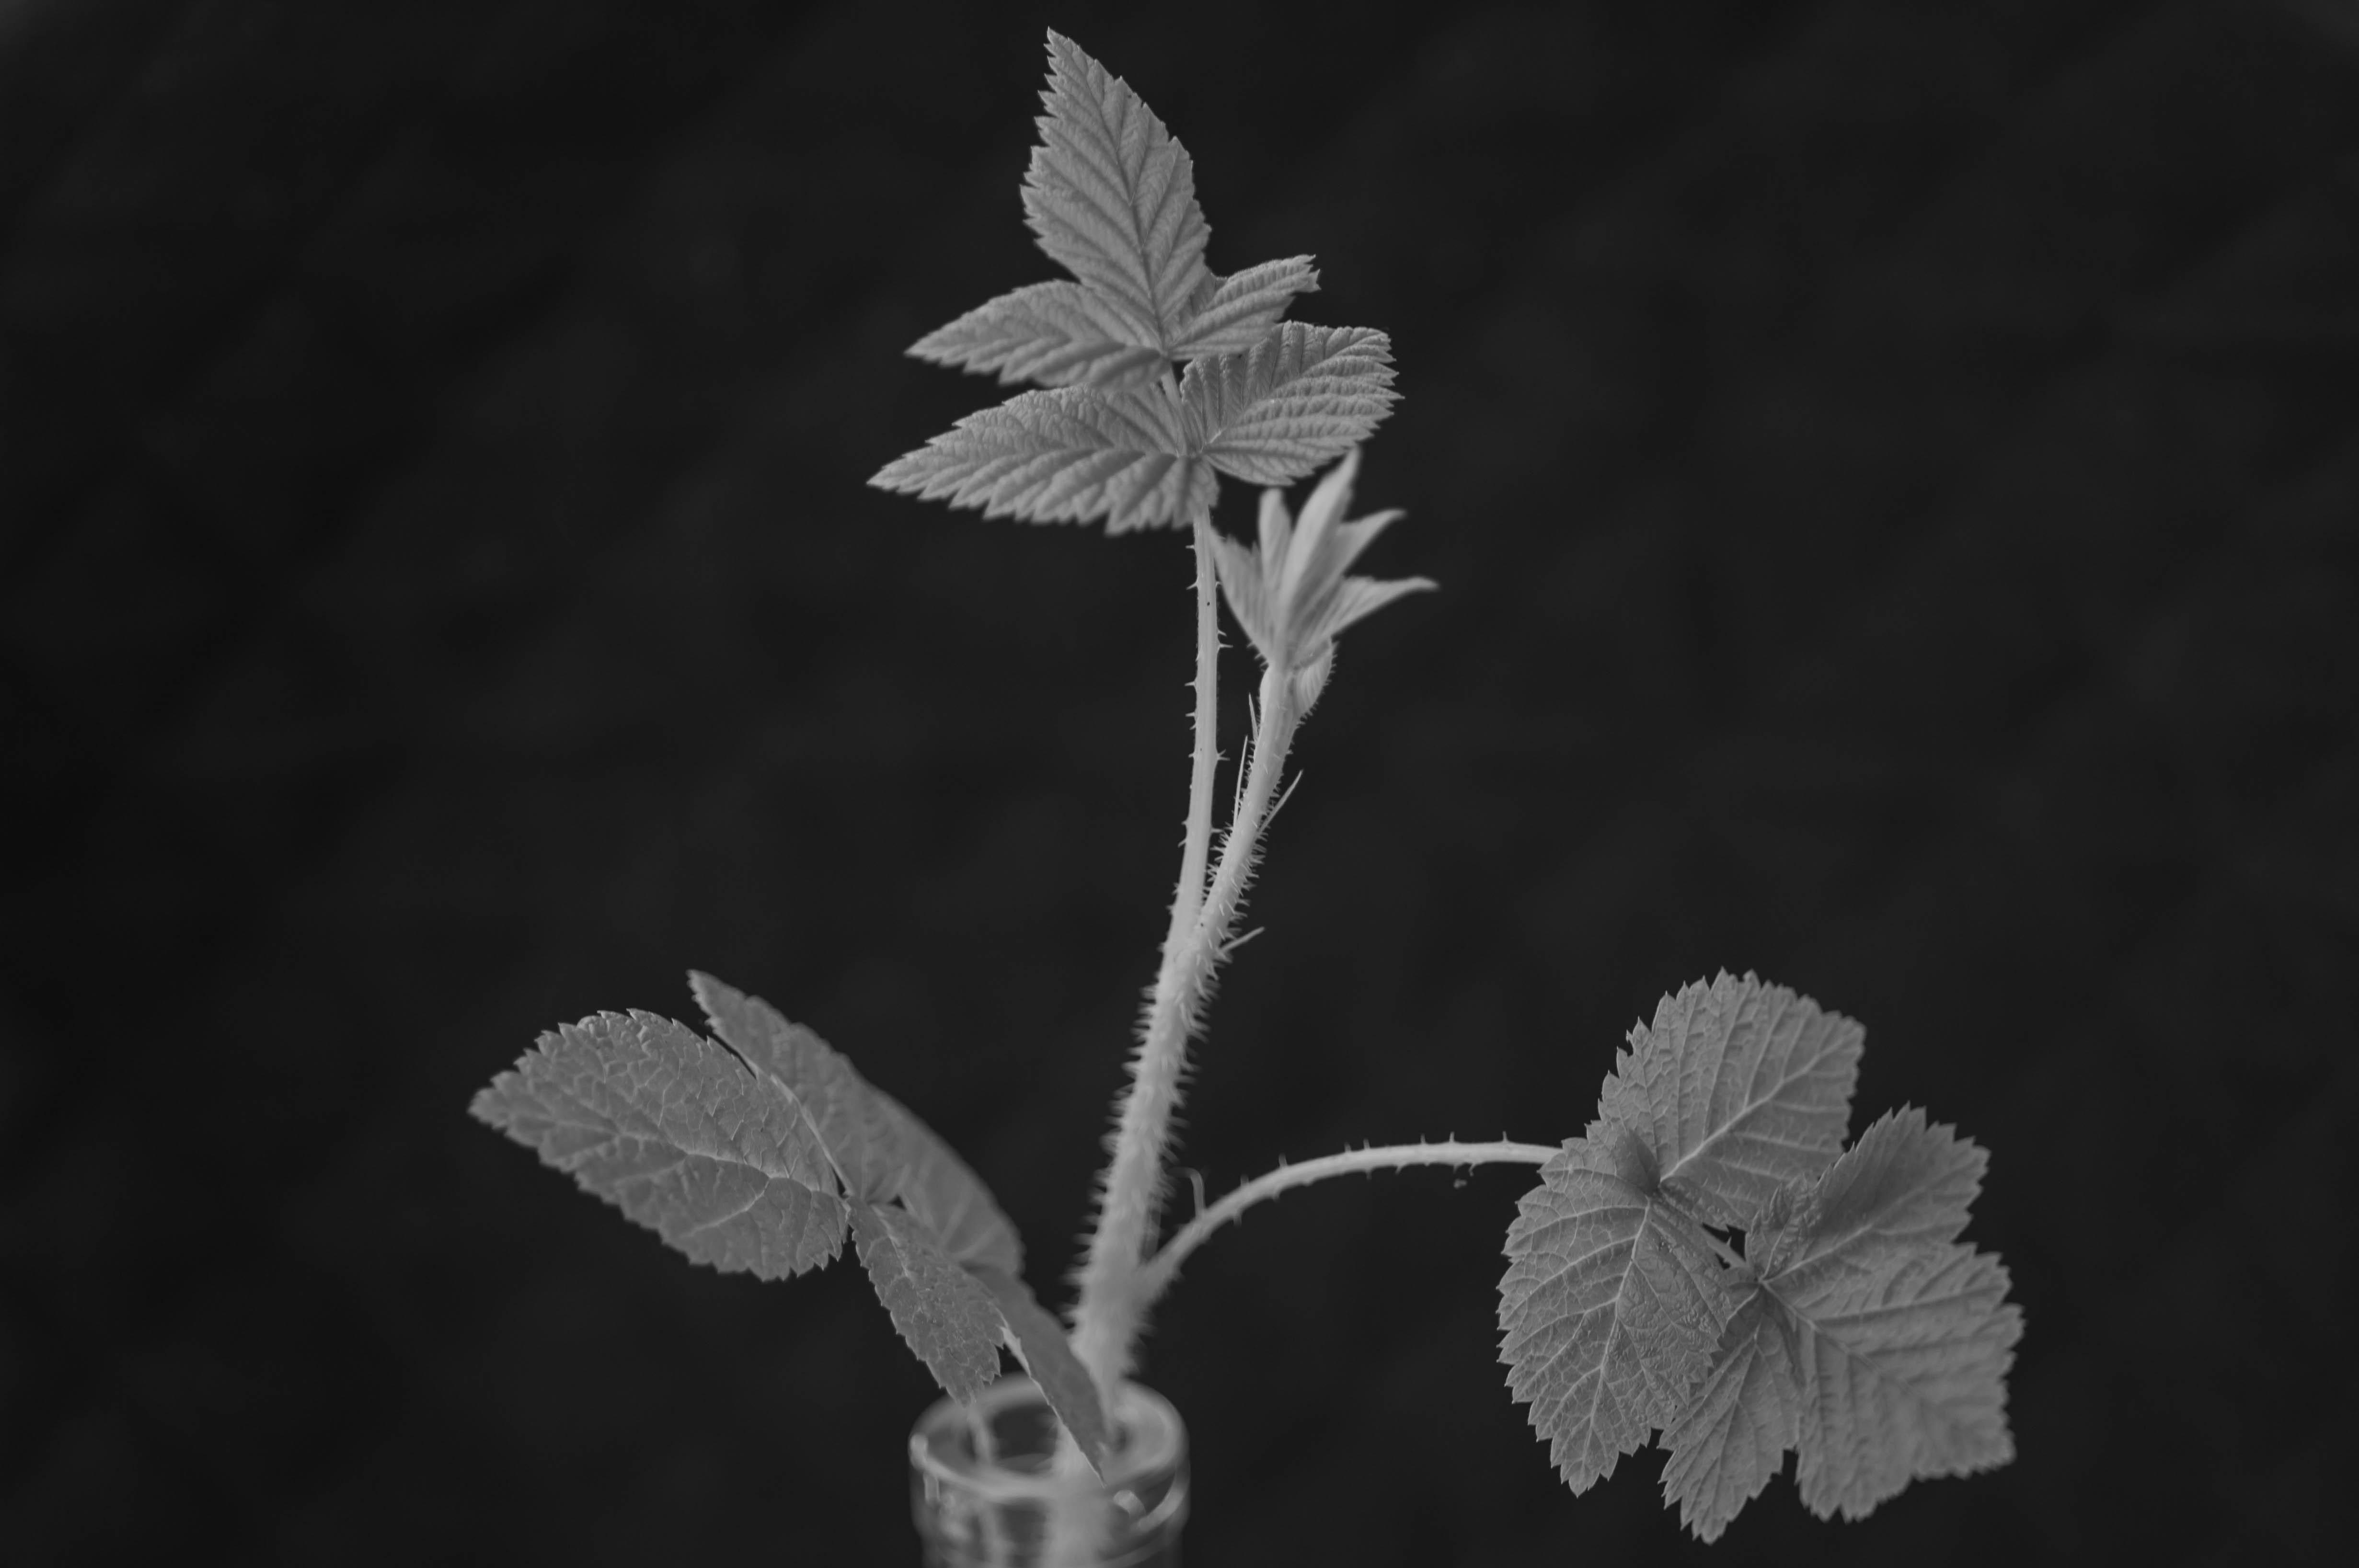 Himbeere, Himbeerpflanze